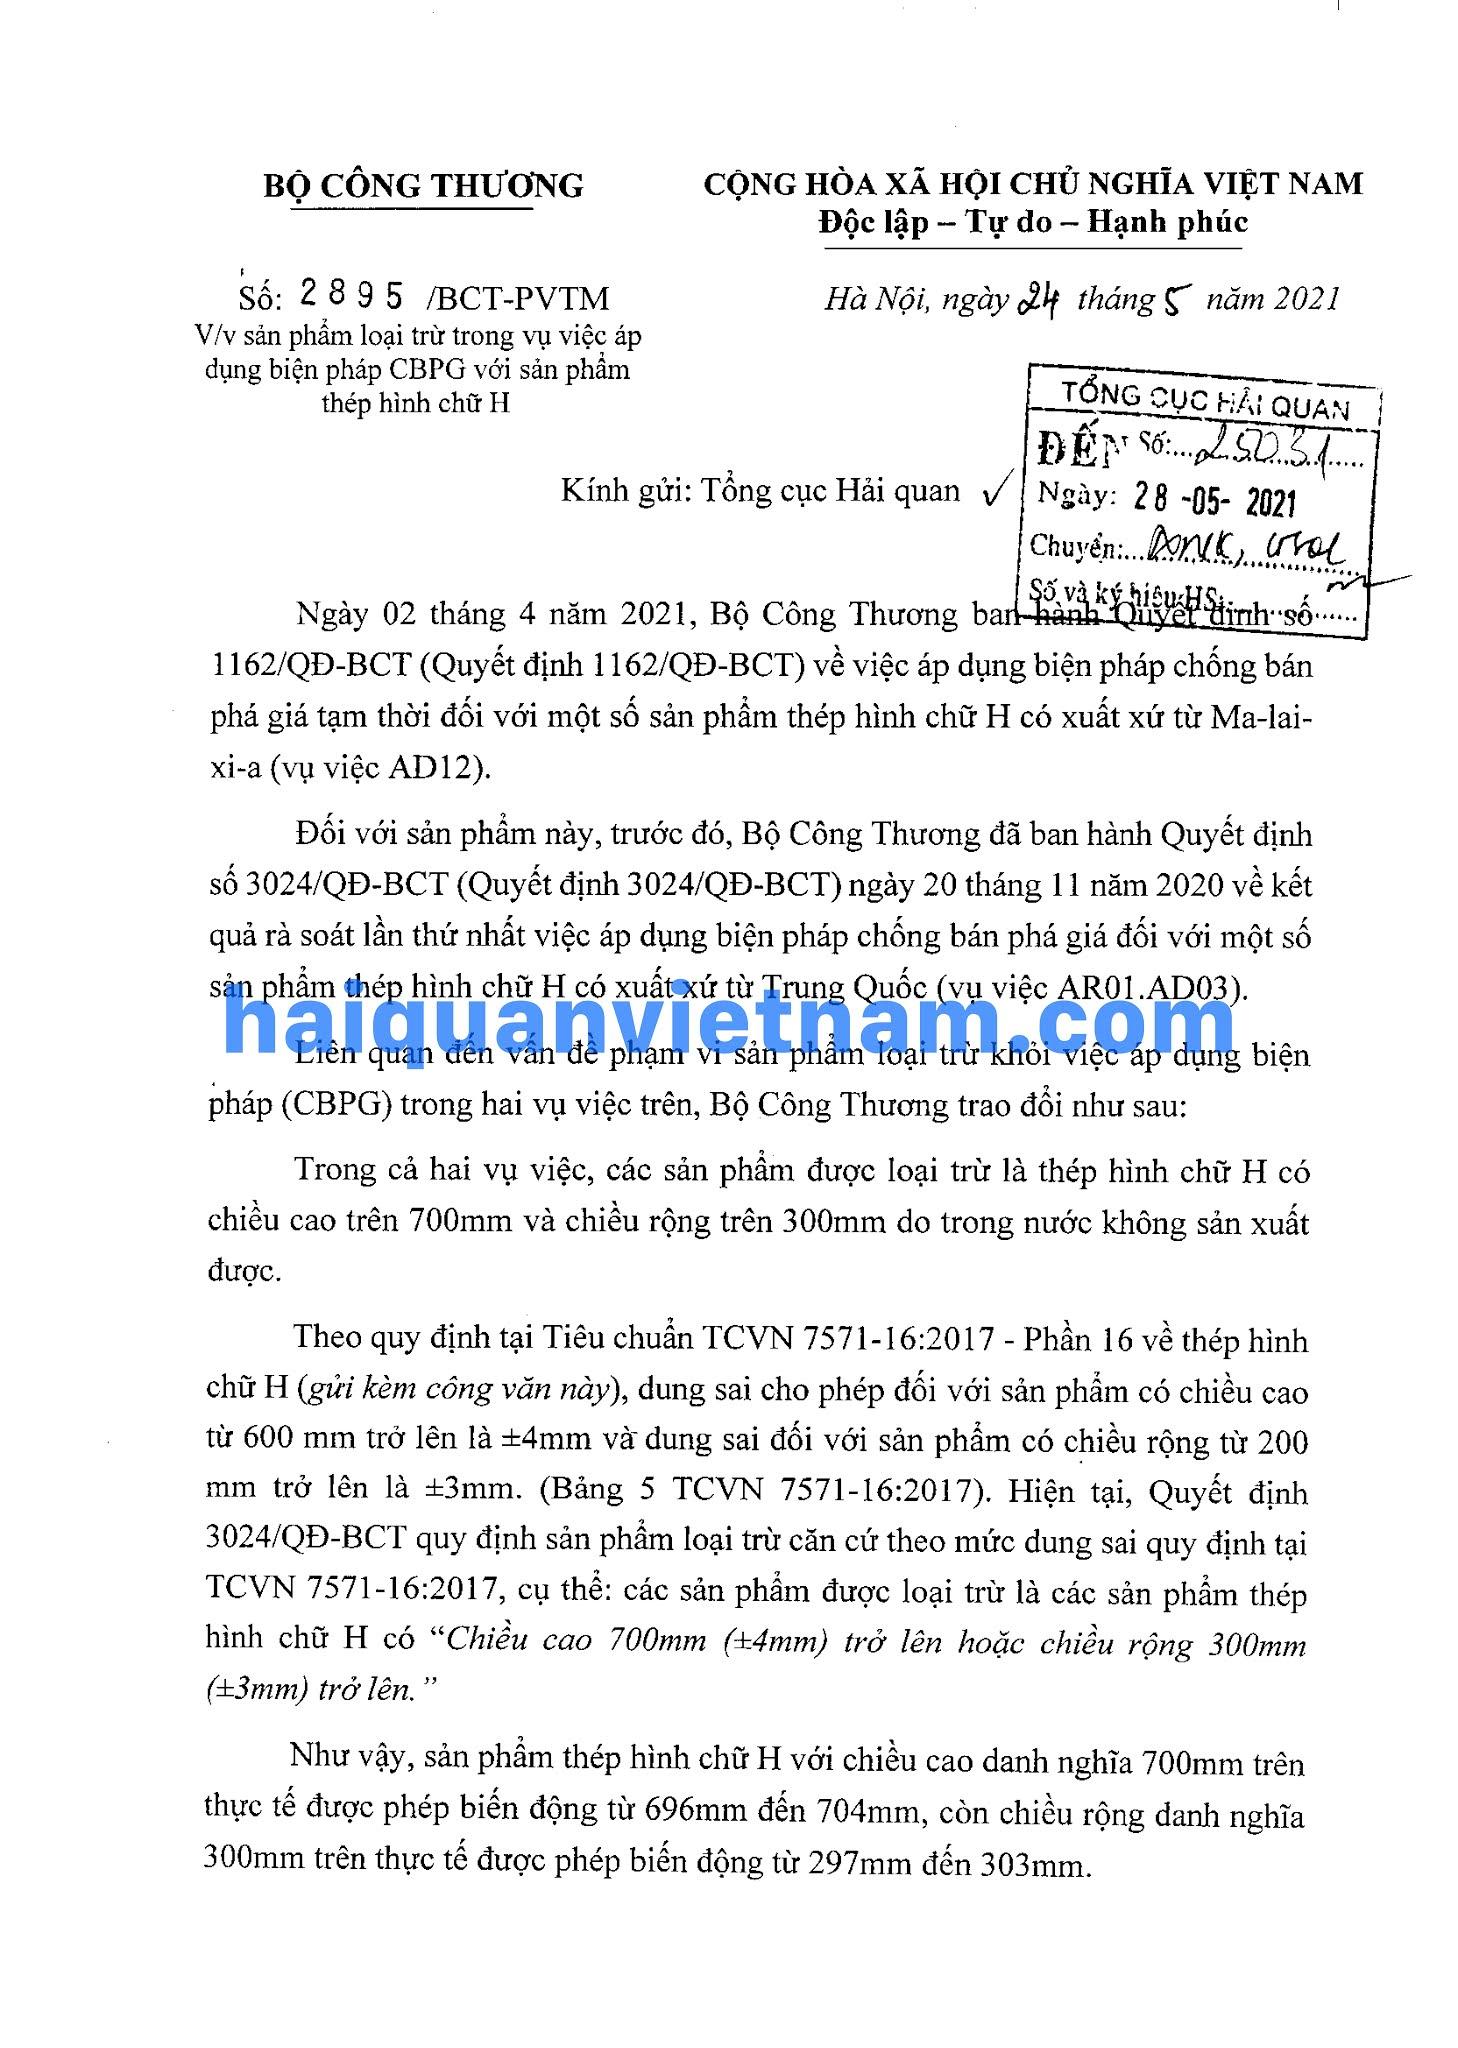 [Image: 210529_2895_BCT-PVTM_haiquanvietnam_01.jpg]